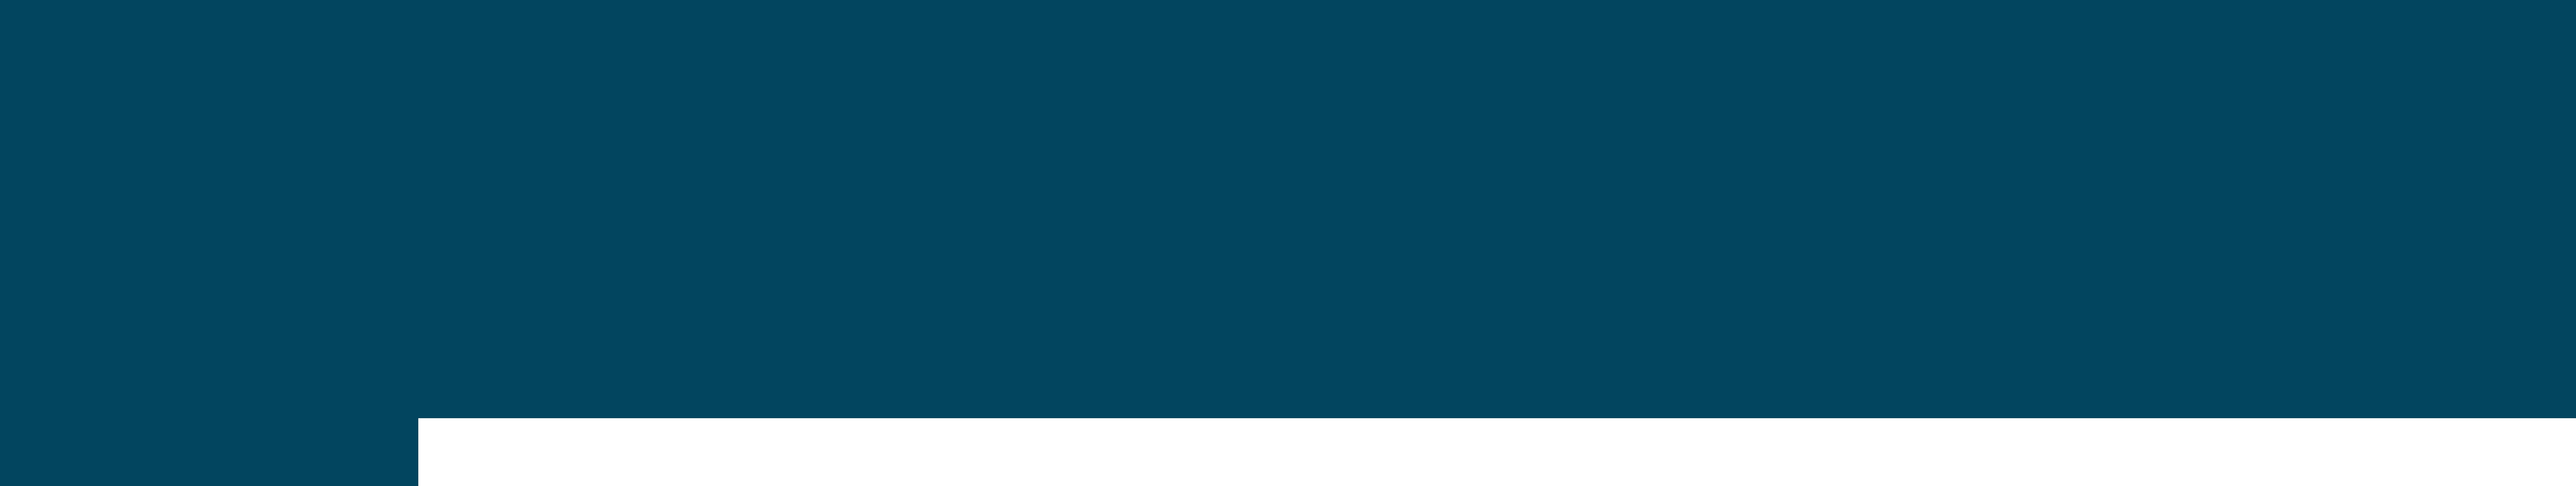 WorldwideERCLogoH-Resized